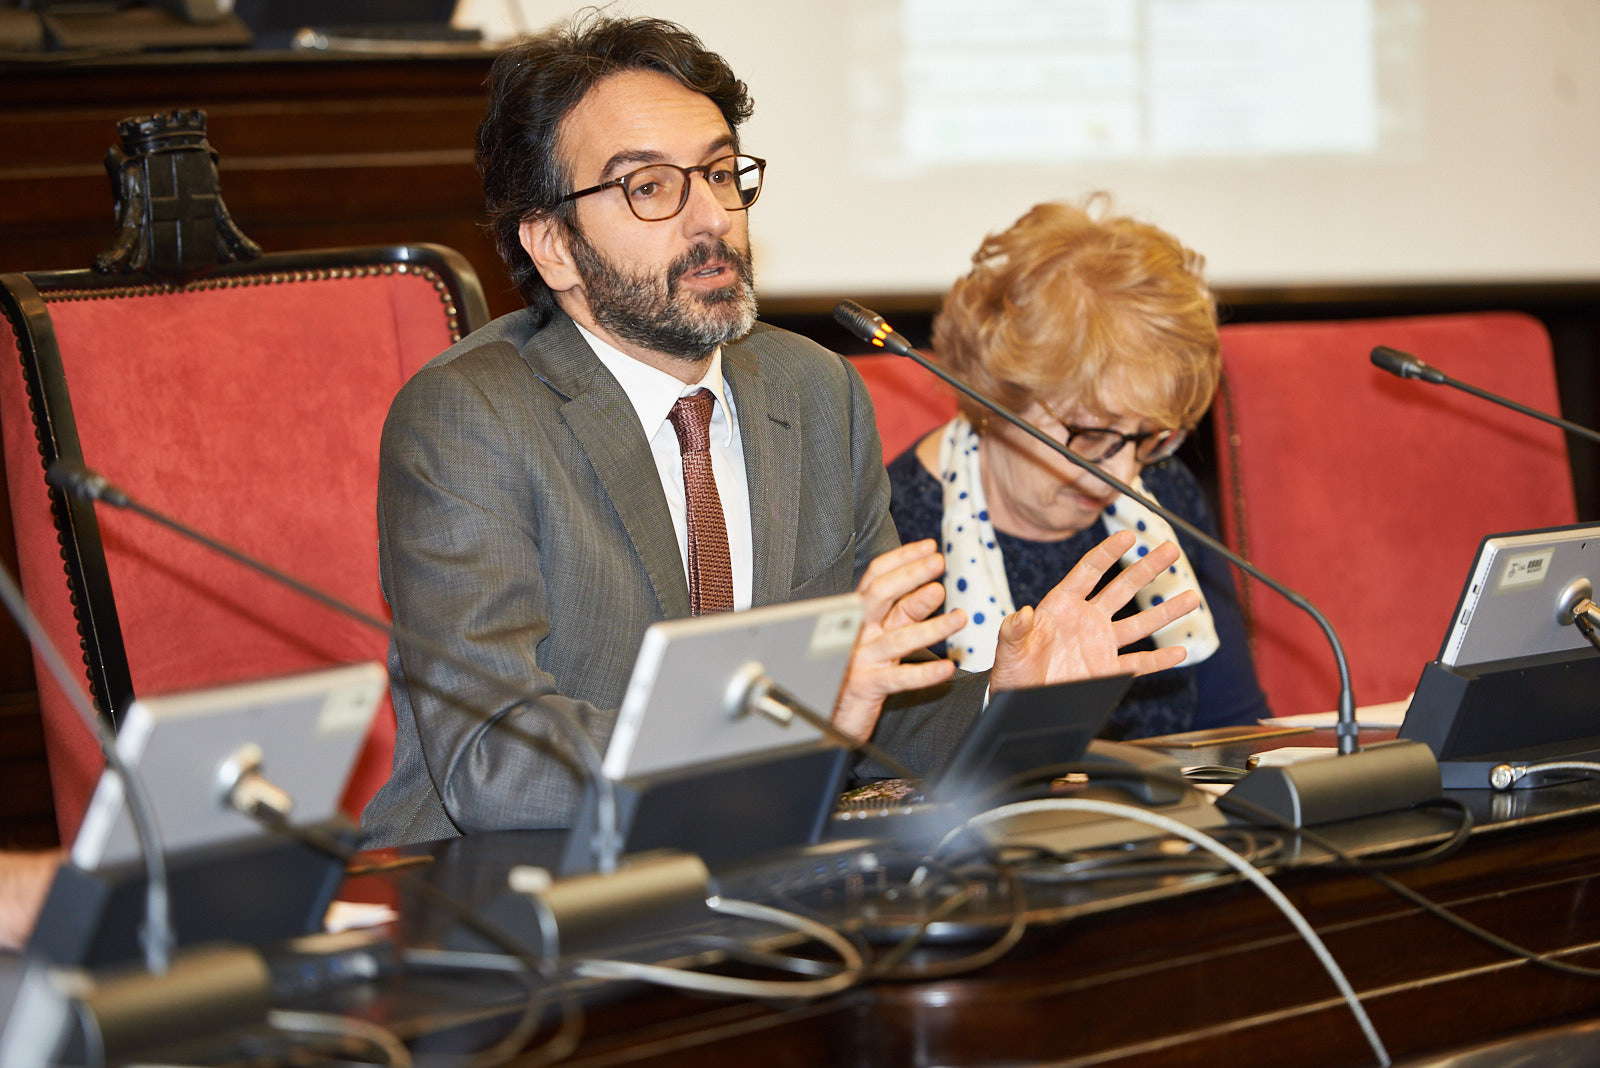 Lamberto Bertolé, president of Milan City Council